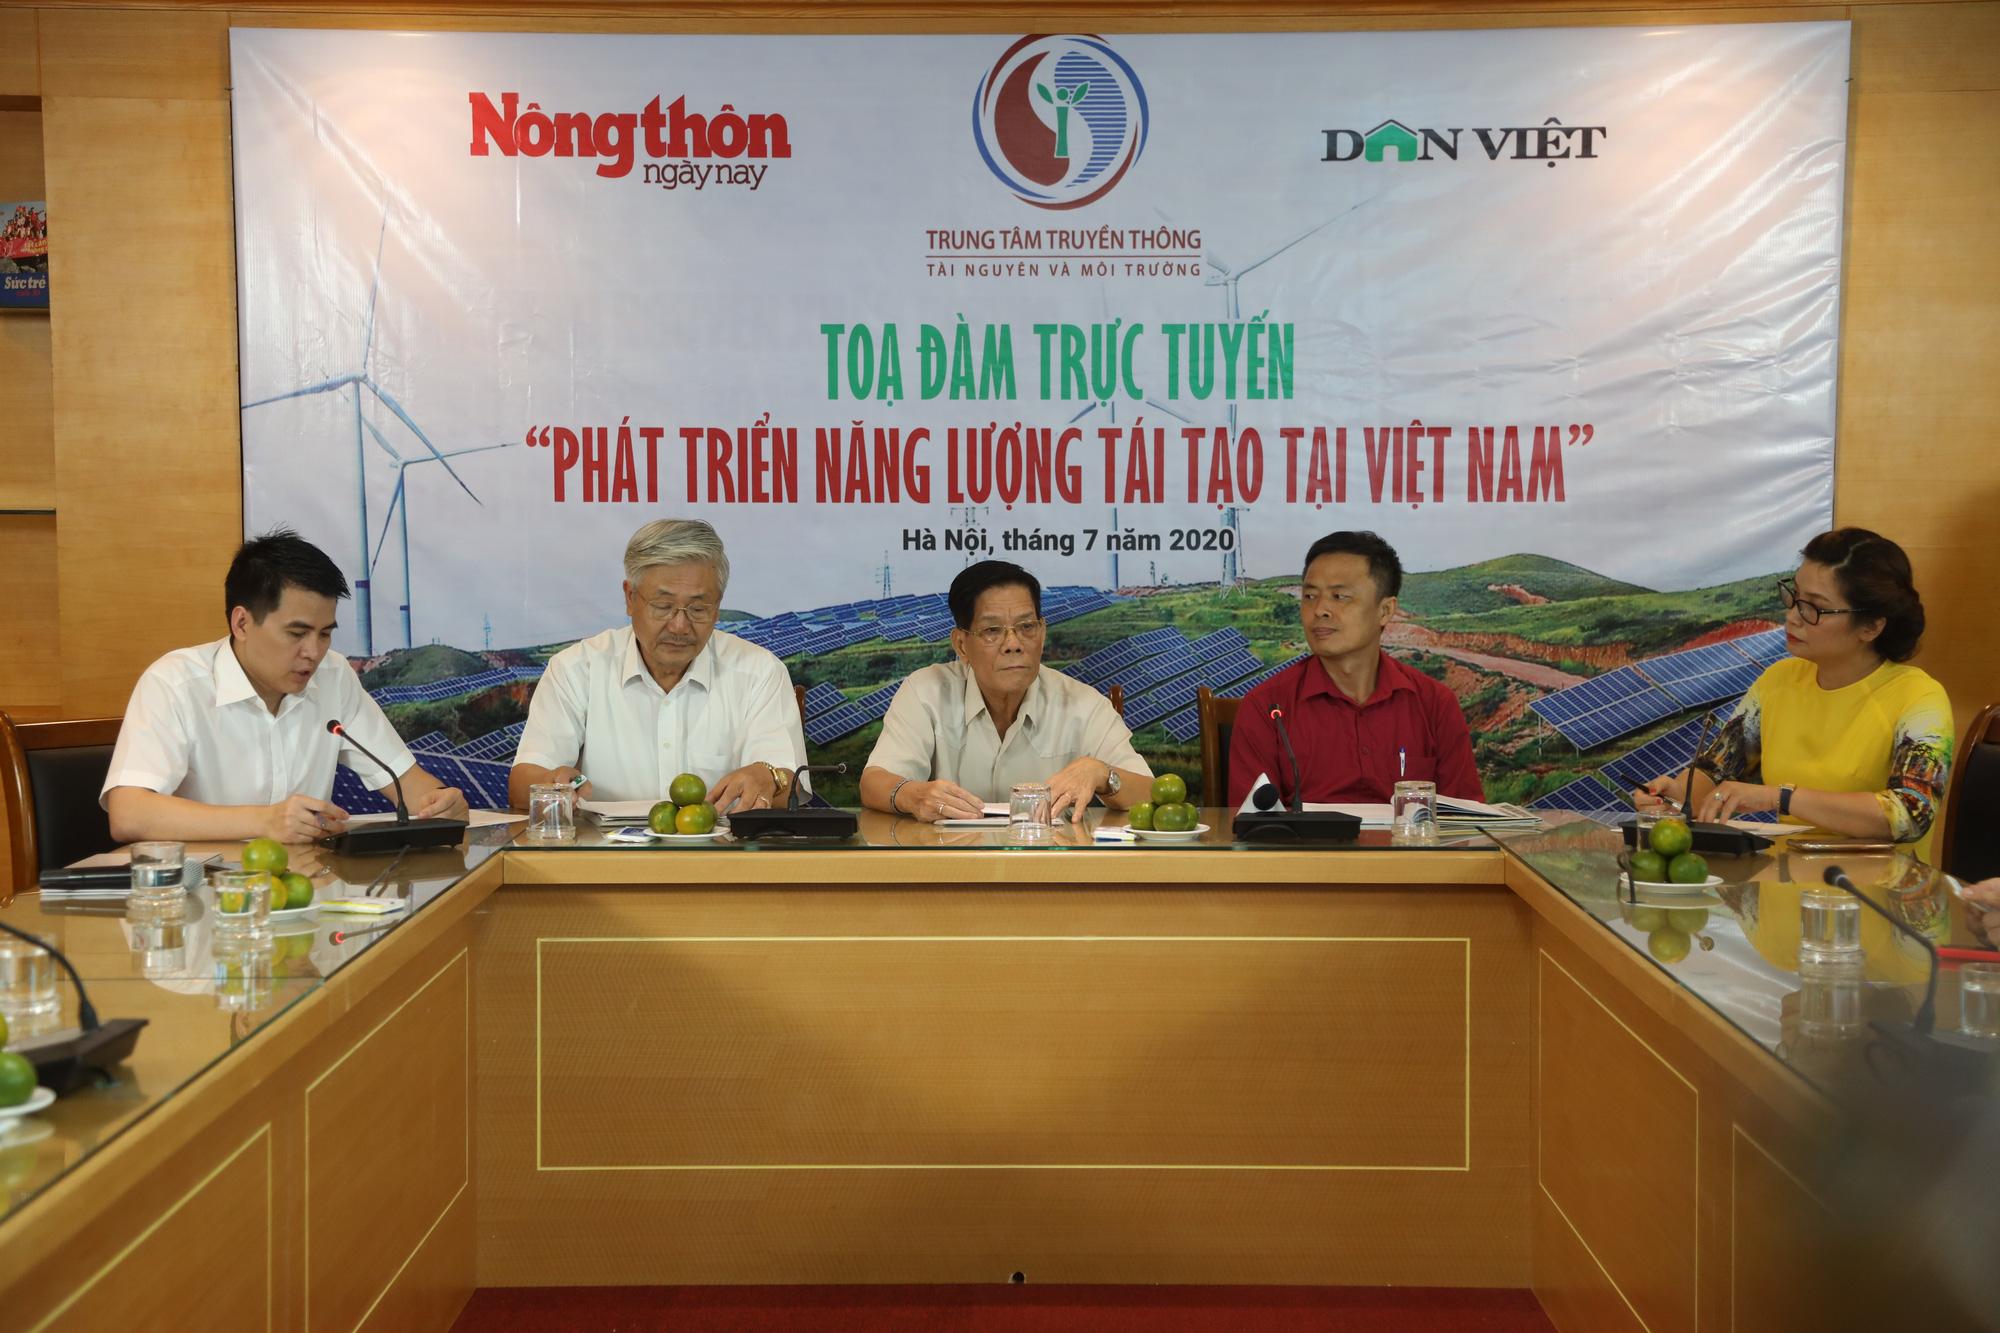 """Tọa đàm trực tuyến """"Phát triển năng lượng tái tạo tại Việt Nam"""": Không thể xem nhẹ vai trò của Nhà nước - Ảnh 3."""